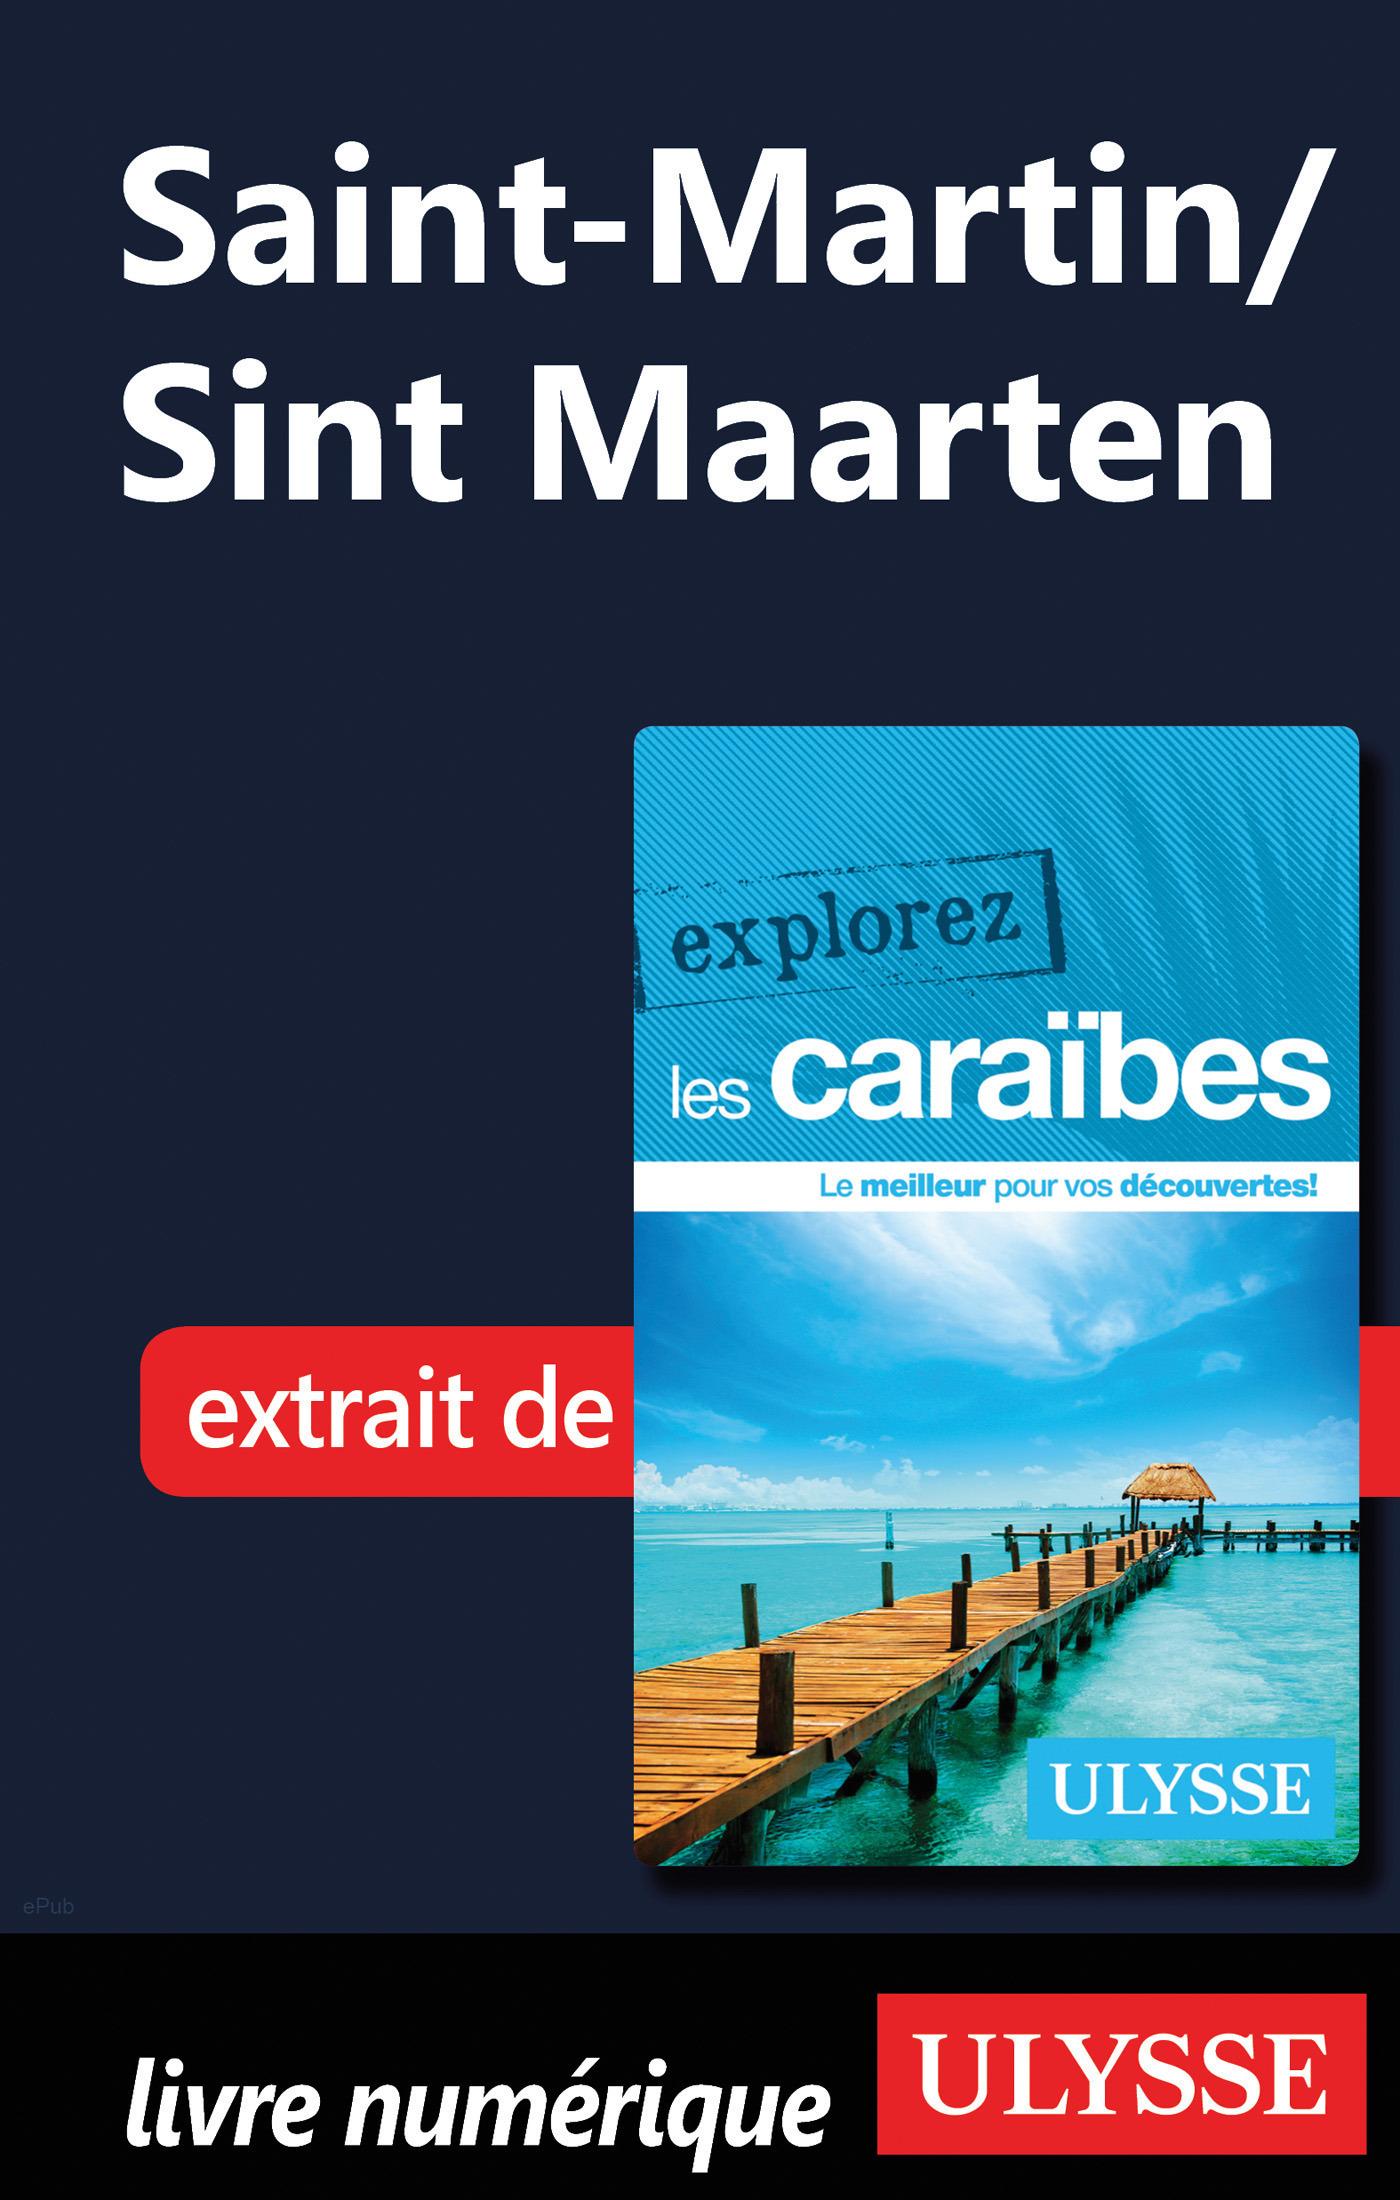 Saint-Martin/Sint Maarten